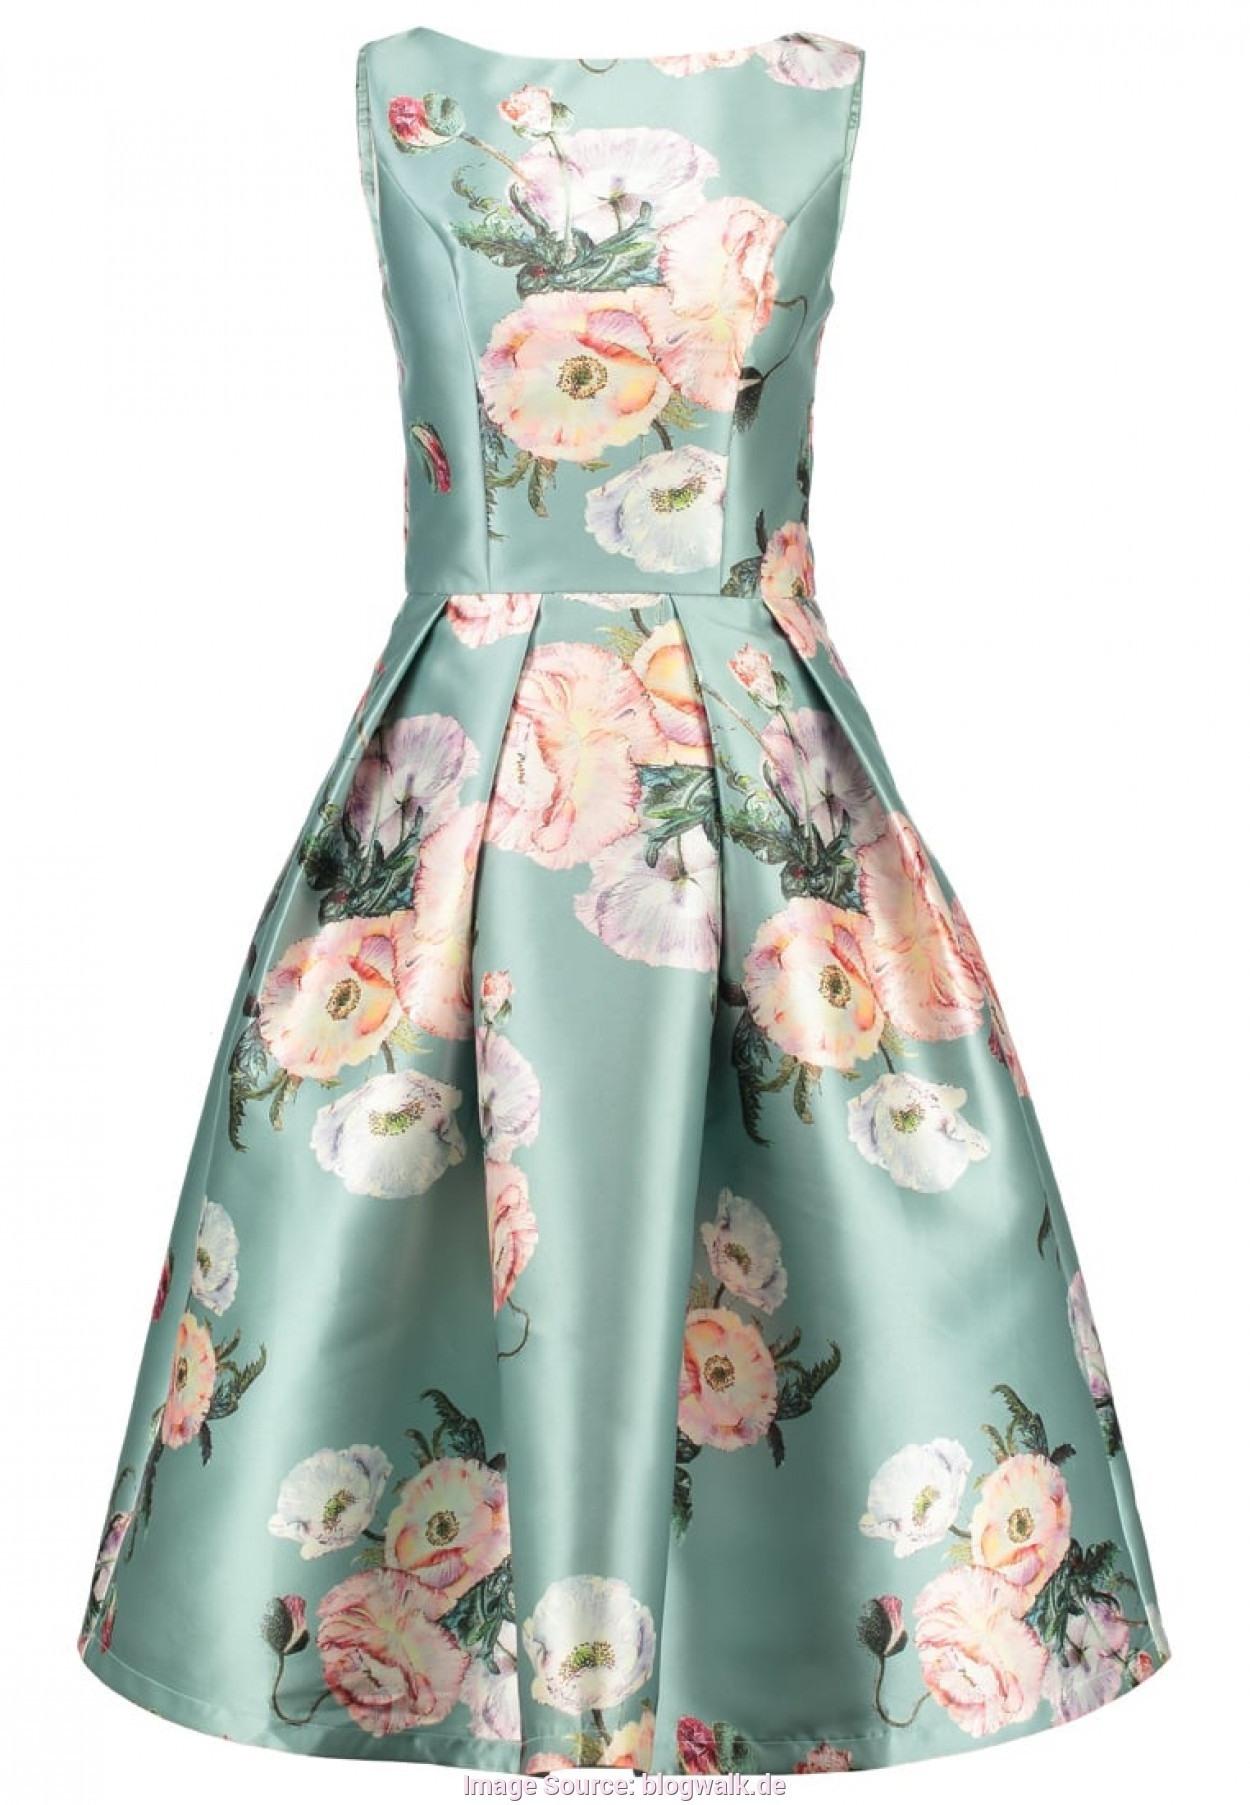 10 Fantastisch Grünes Festliches Kleid VertriebFormal Top Grünes Festliches Kleid Boutique